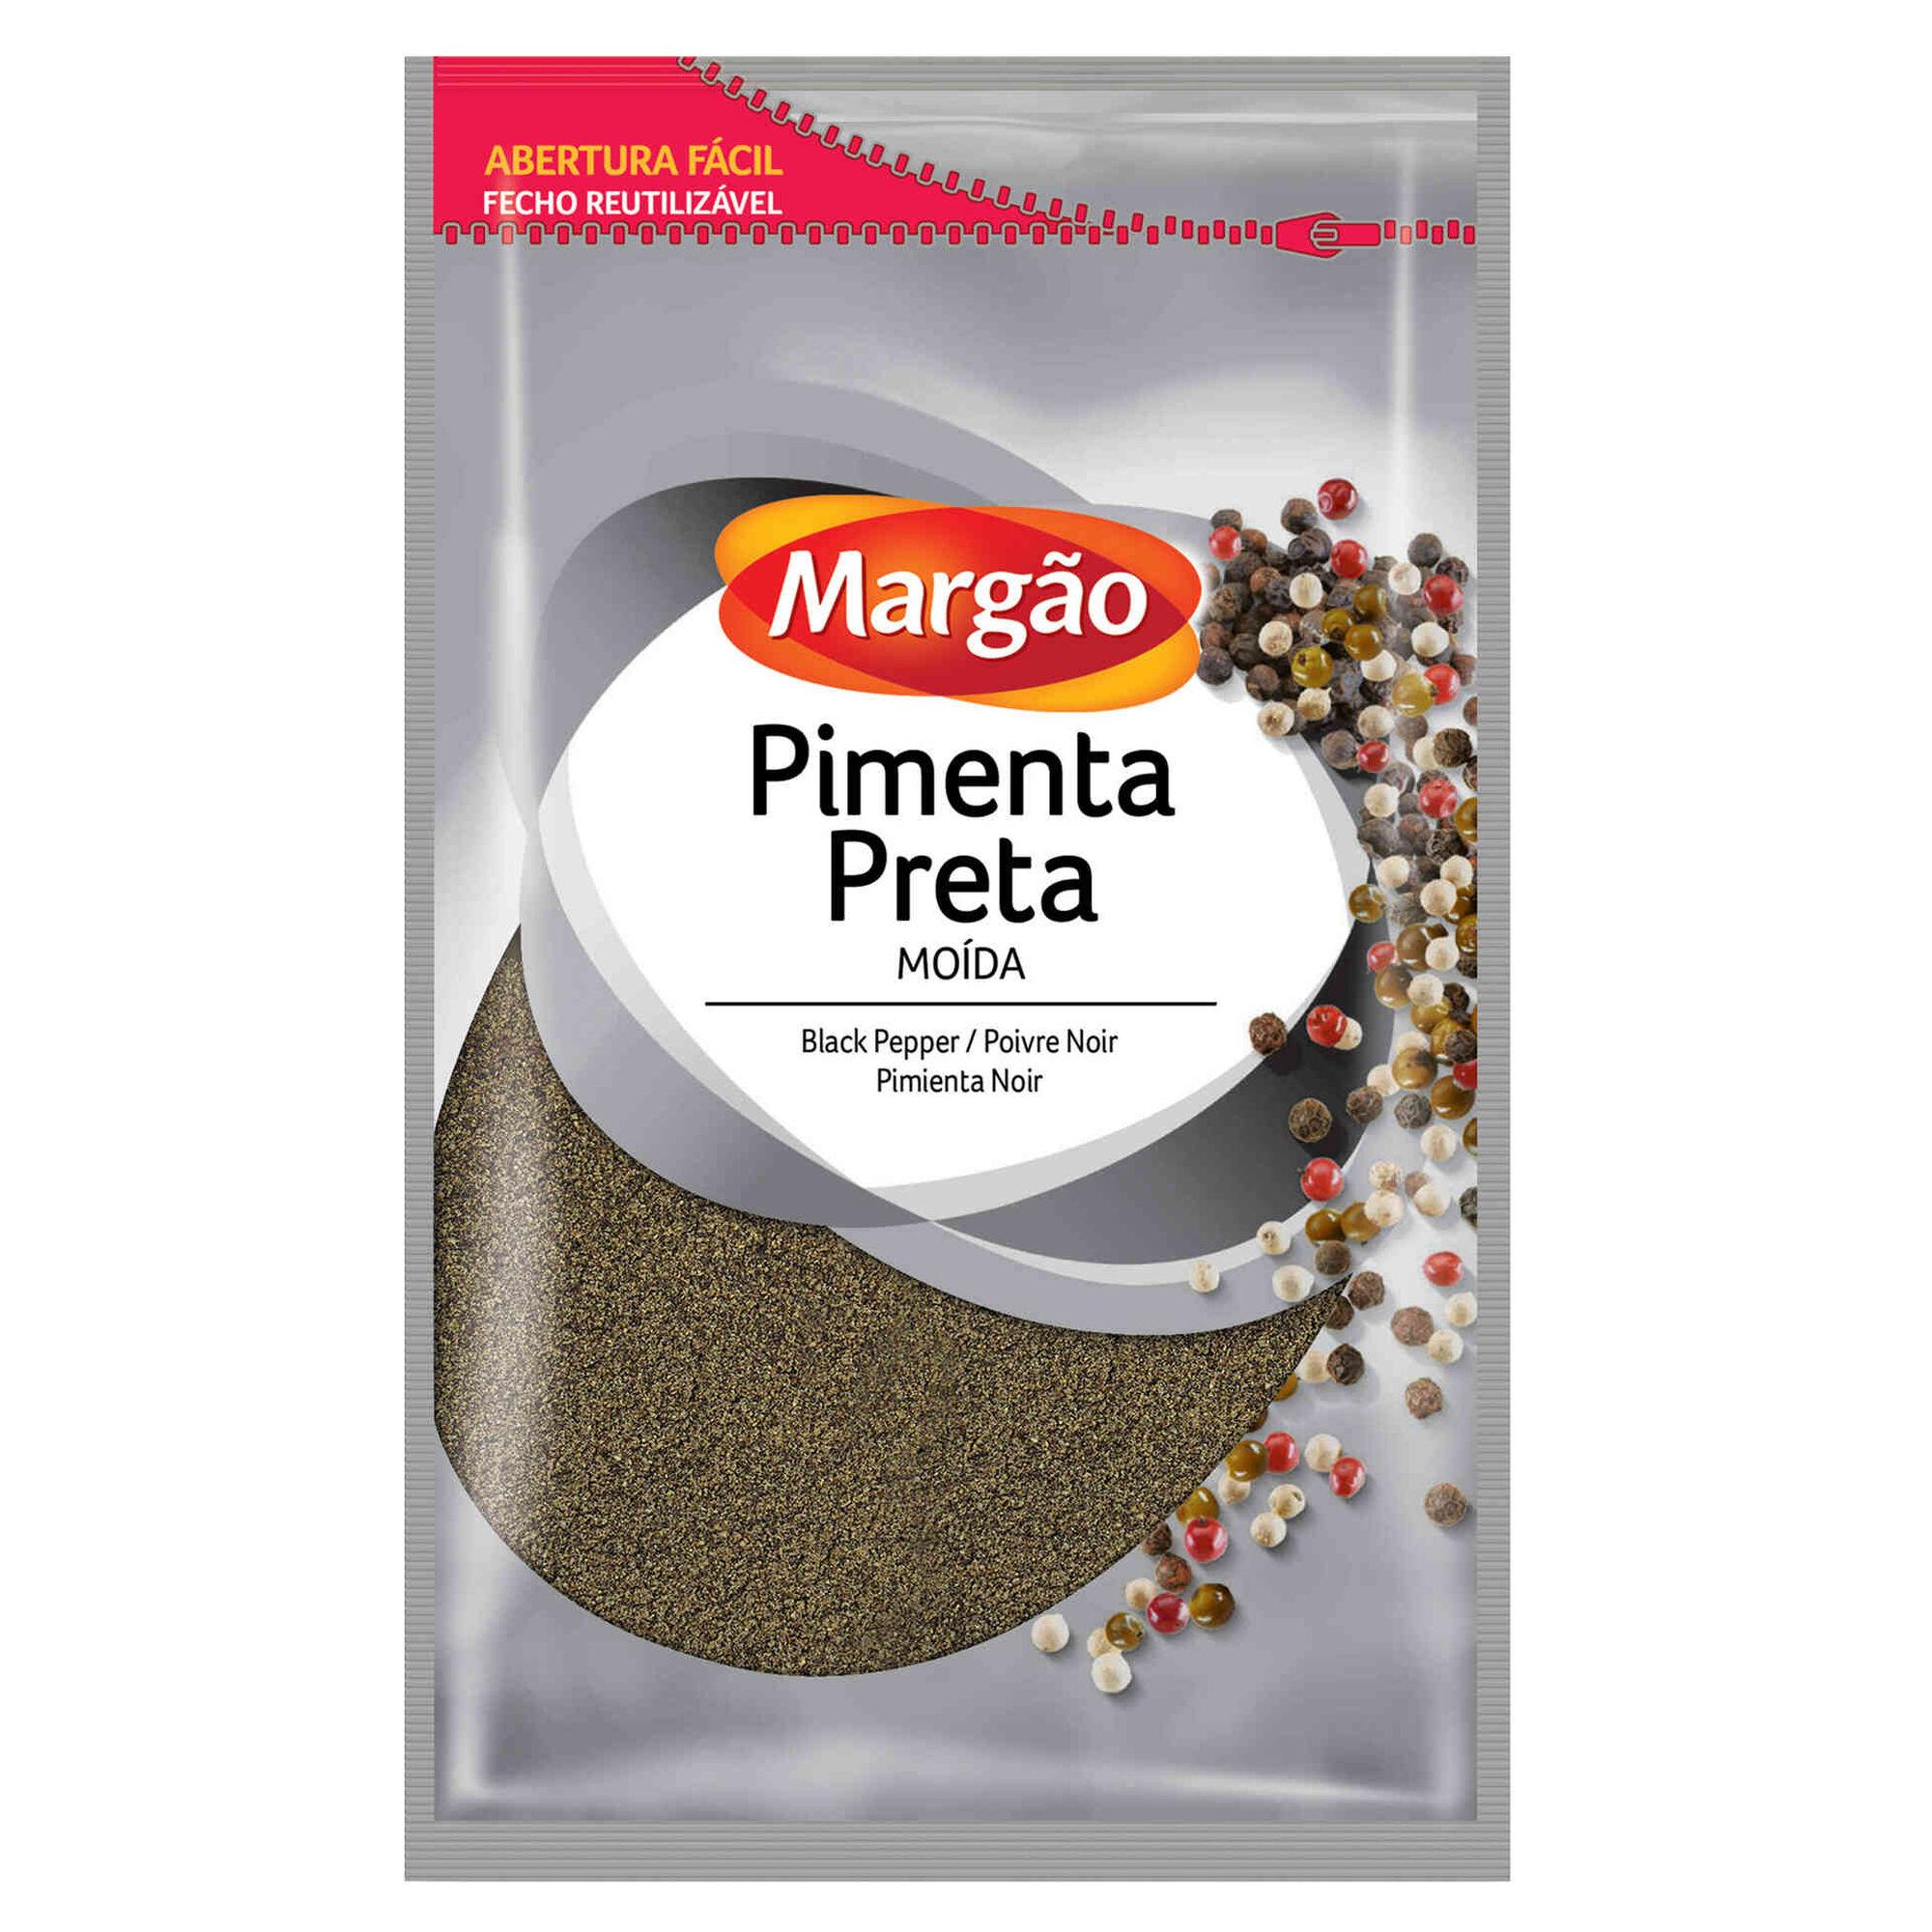 Pimenta Preta Moída em Saqueta, , hi-res